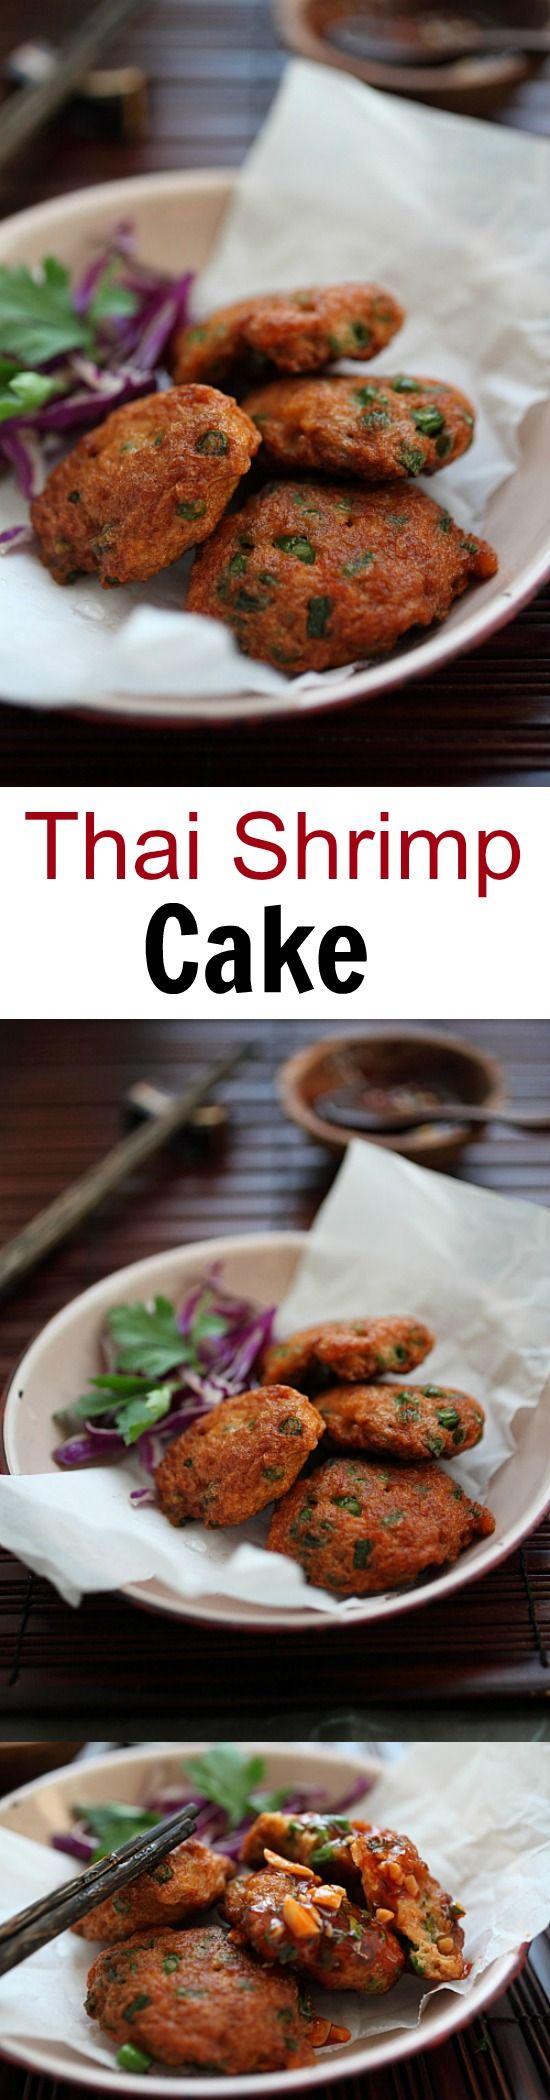 Thai Shrimp Cake - the most amazing and delicious Thai shrimp cake ...